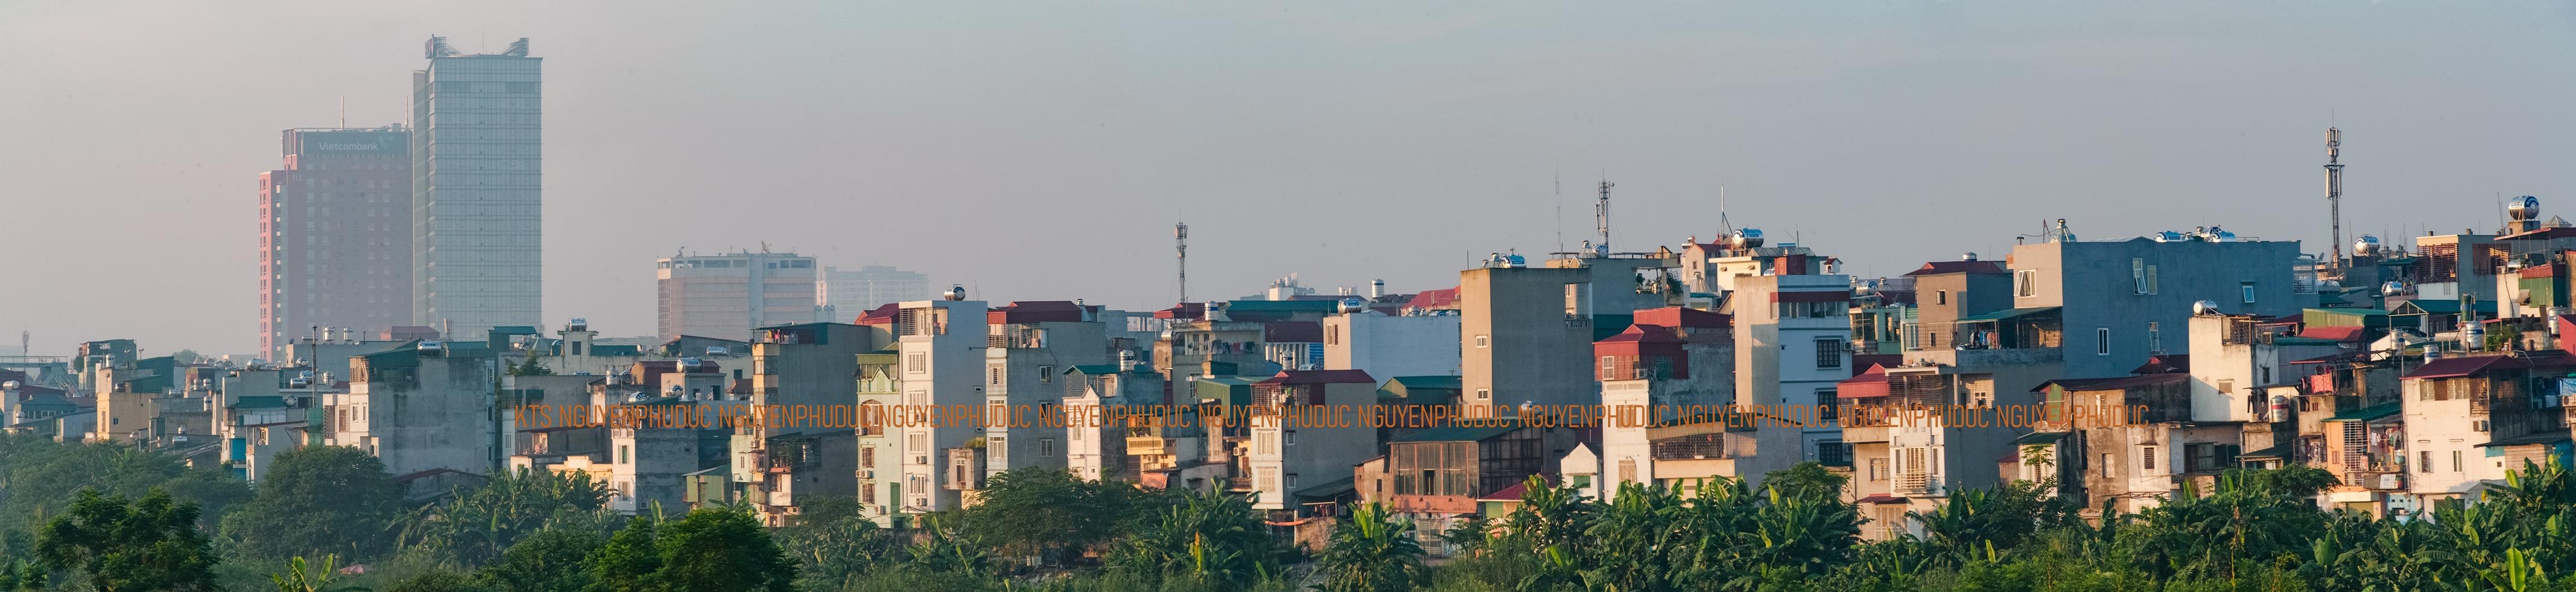 Mặt công trình nhà dân xây dựng tự phát tại quận Hoàn Kiếm quay ra sống